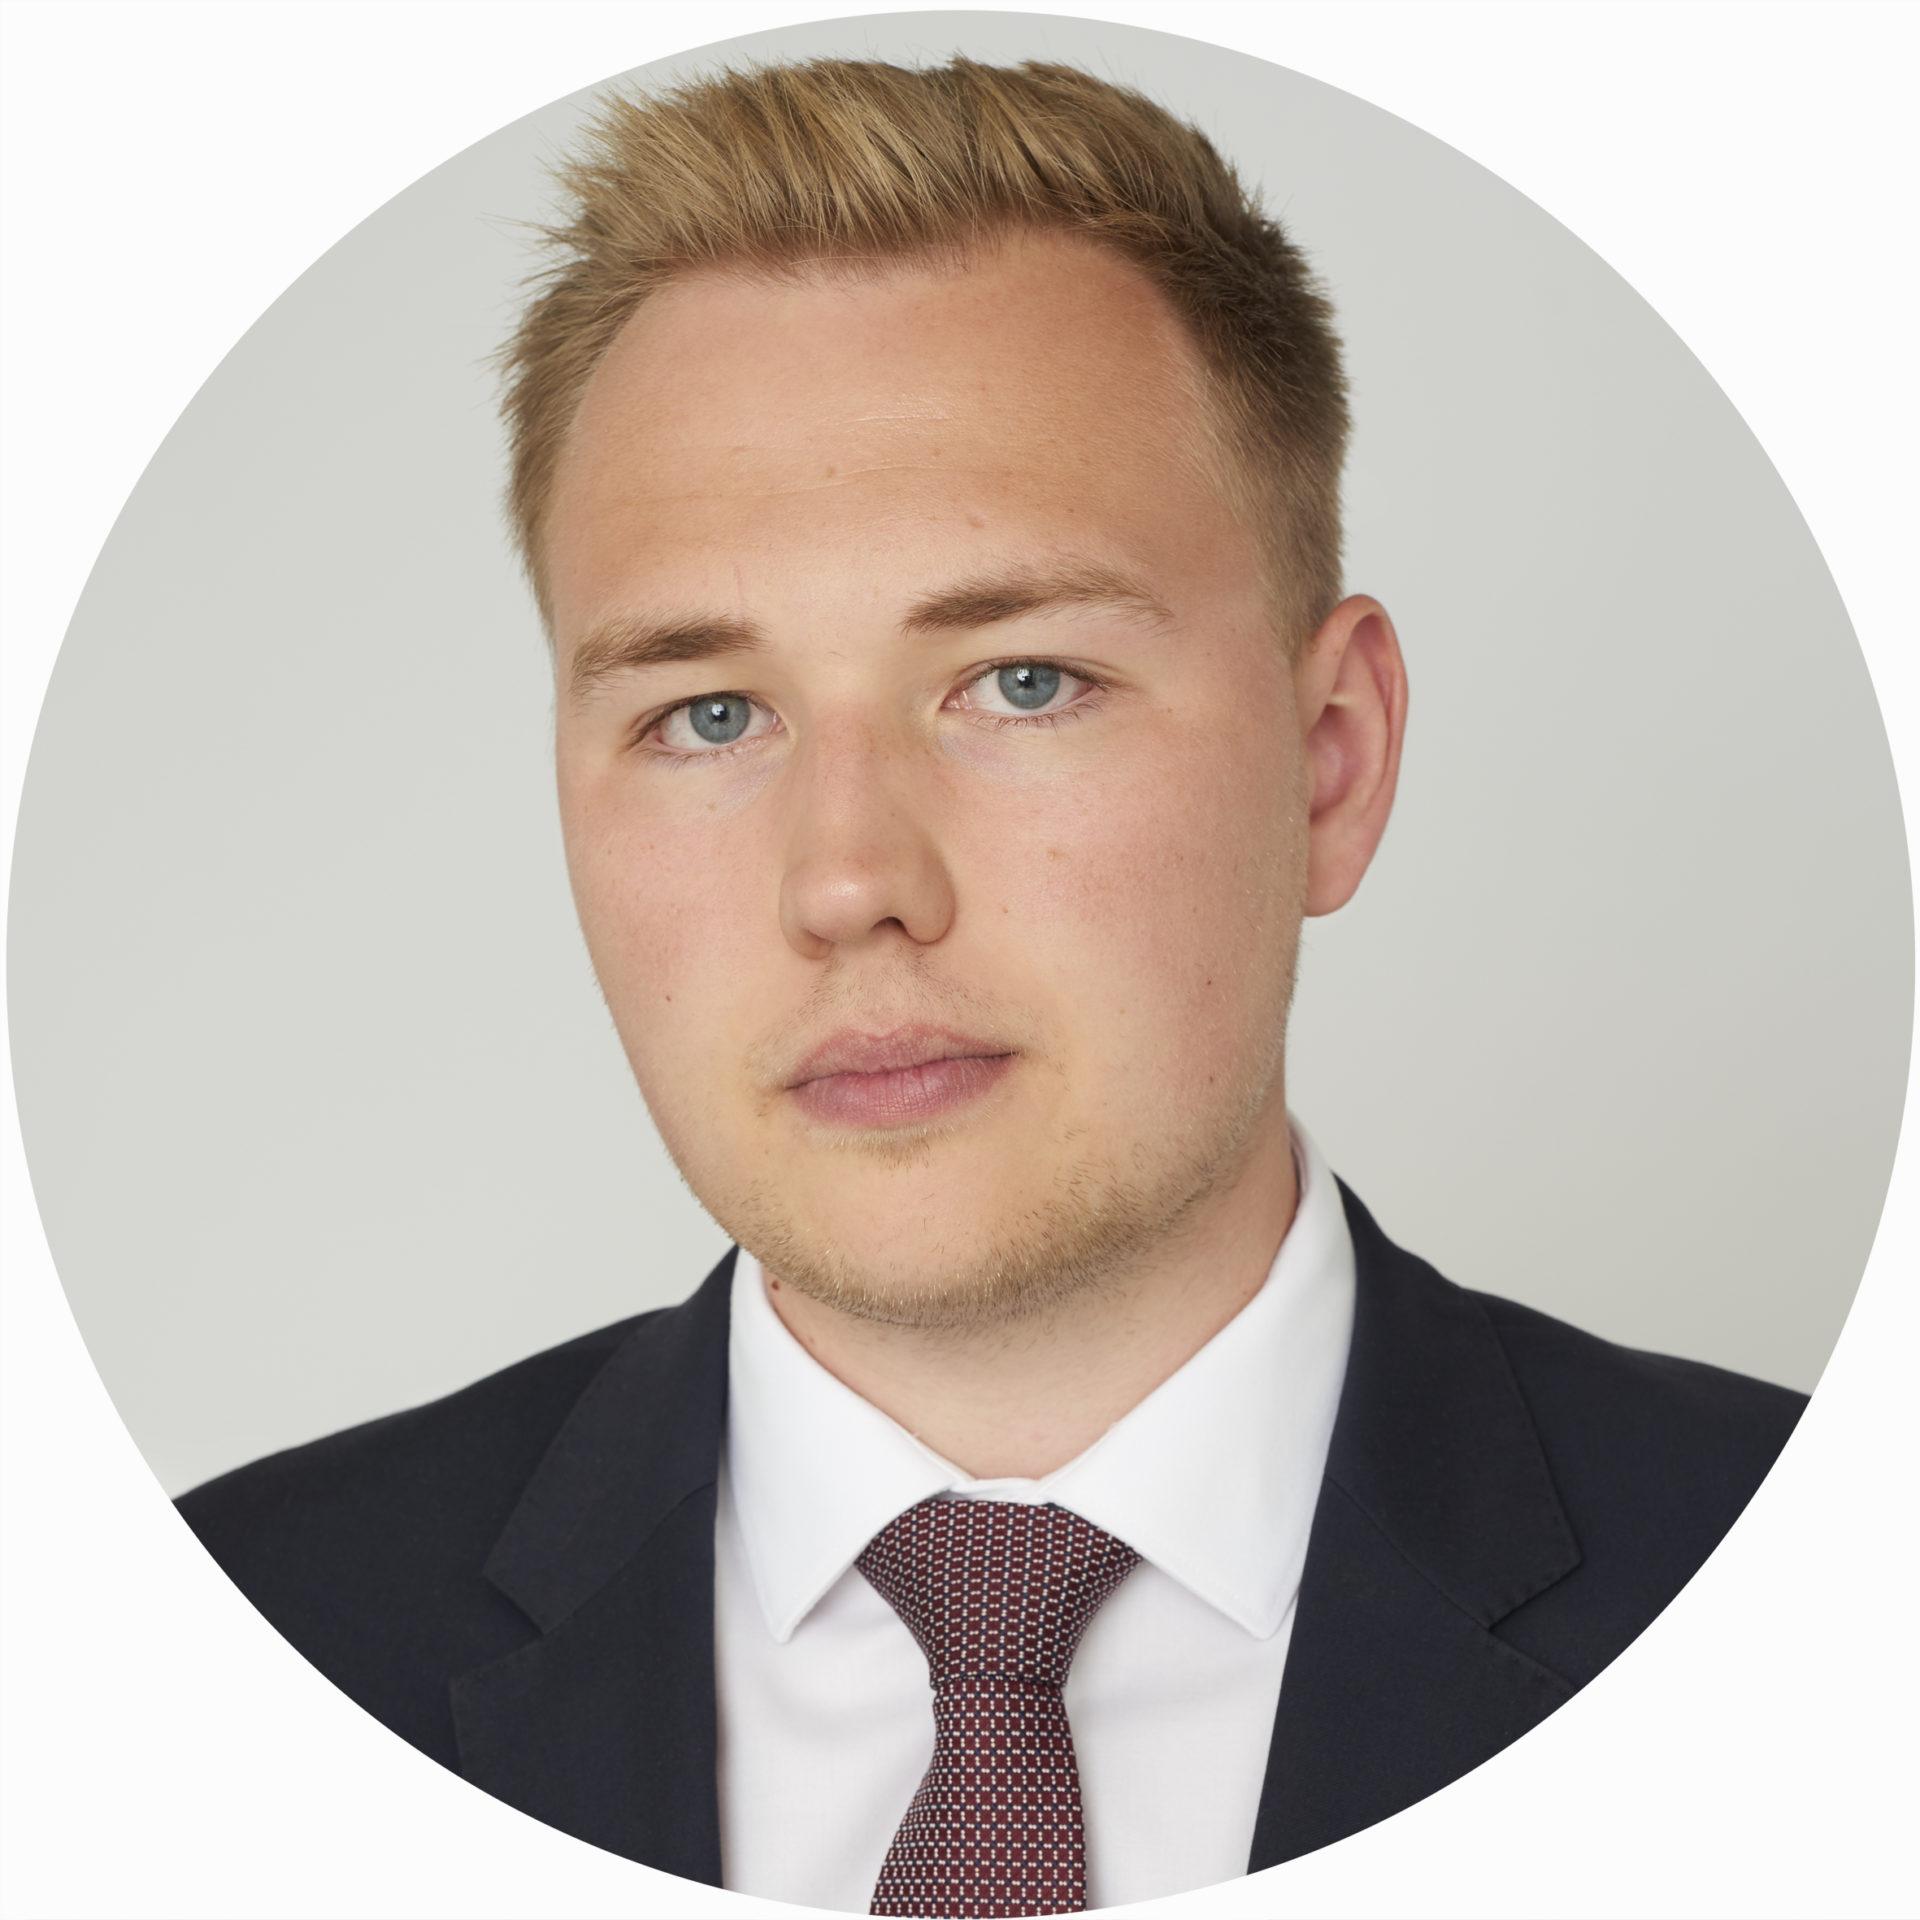 Chris Vilhelmsen